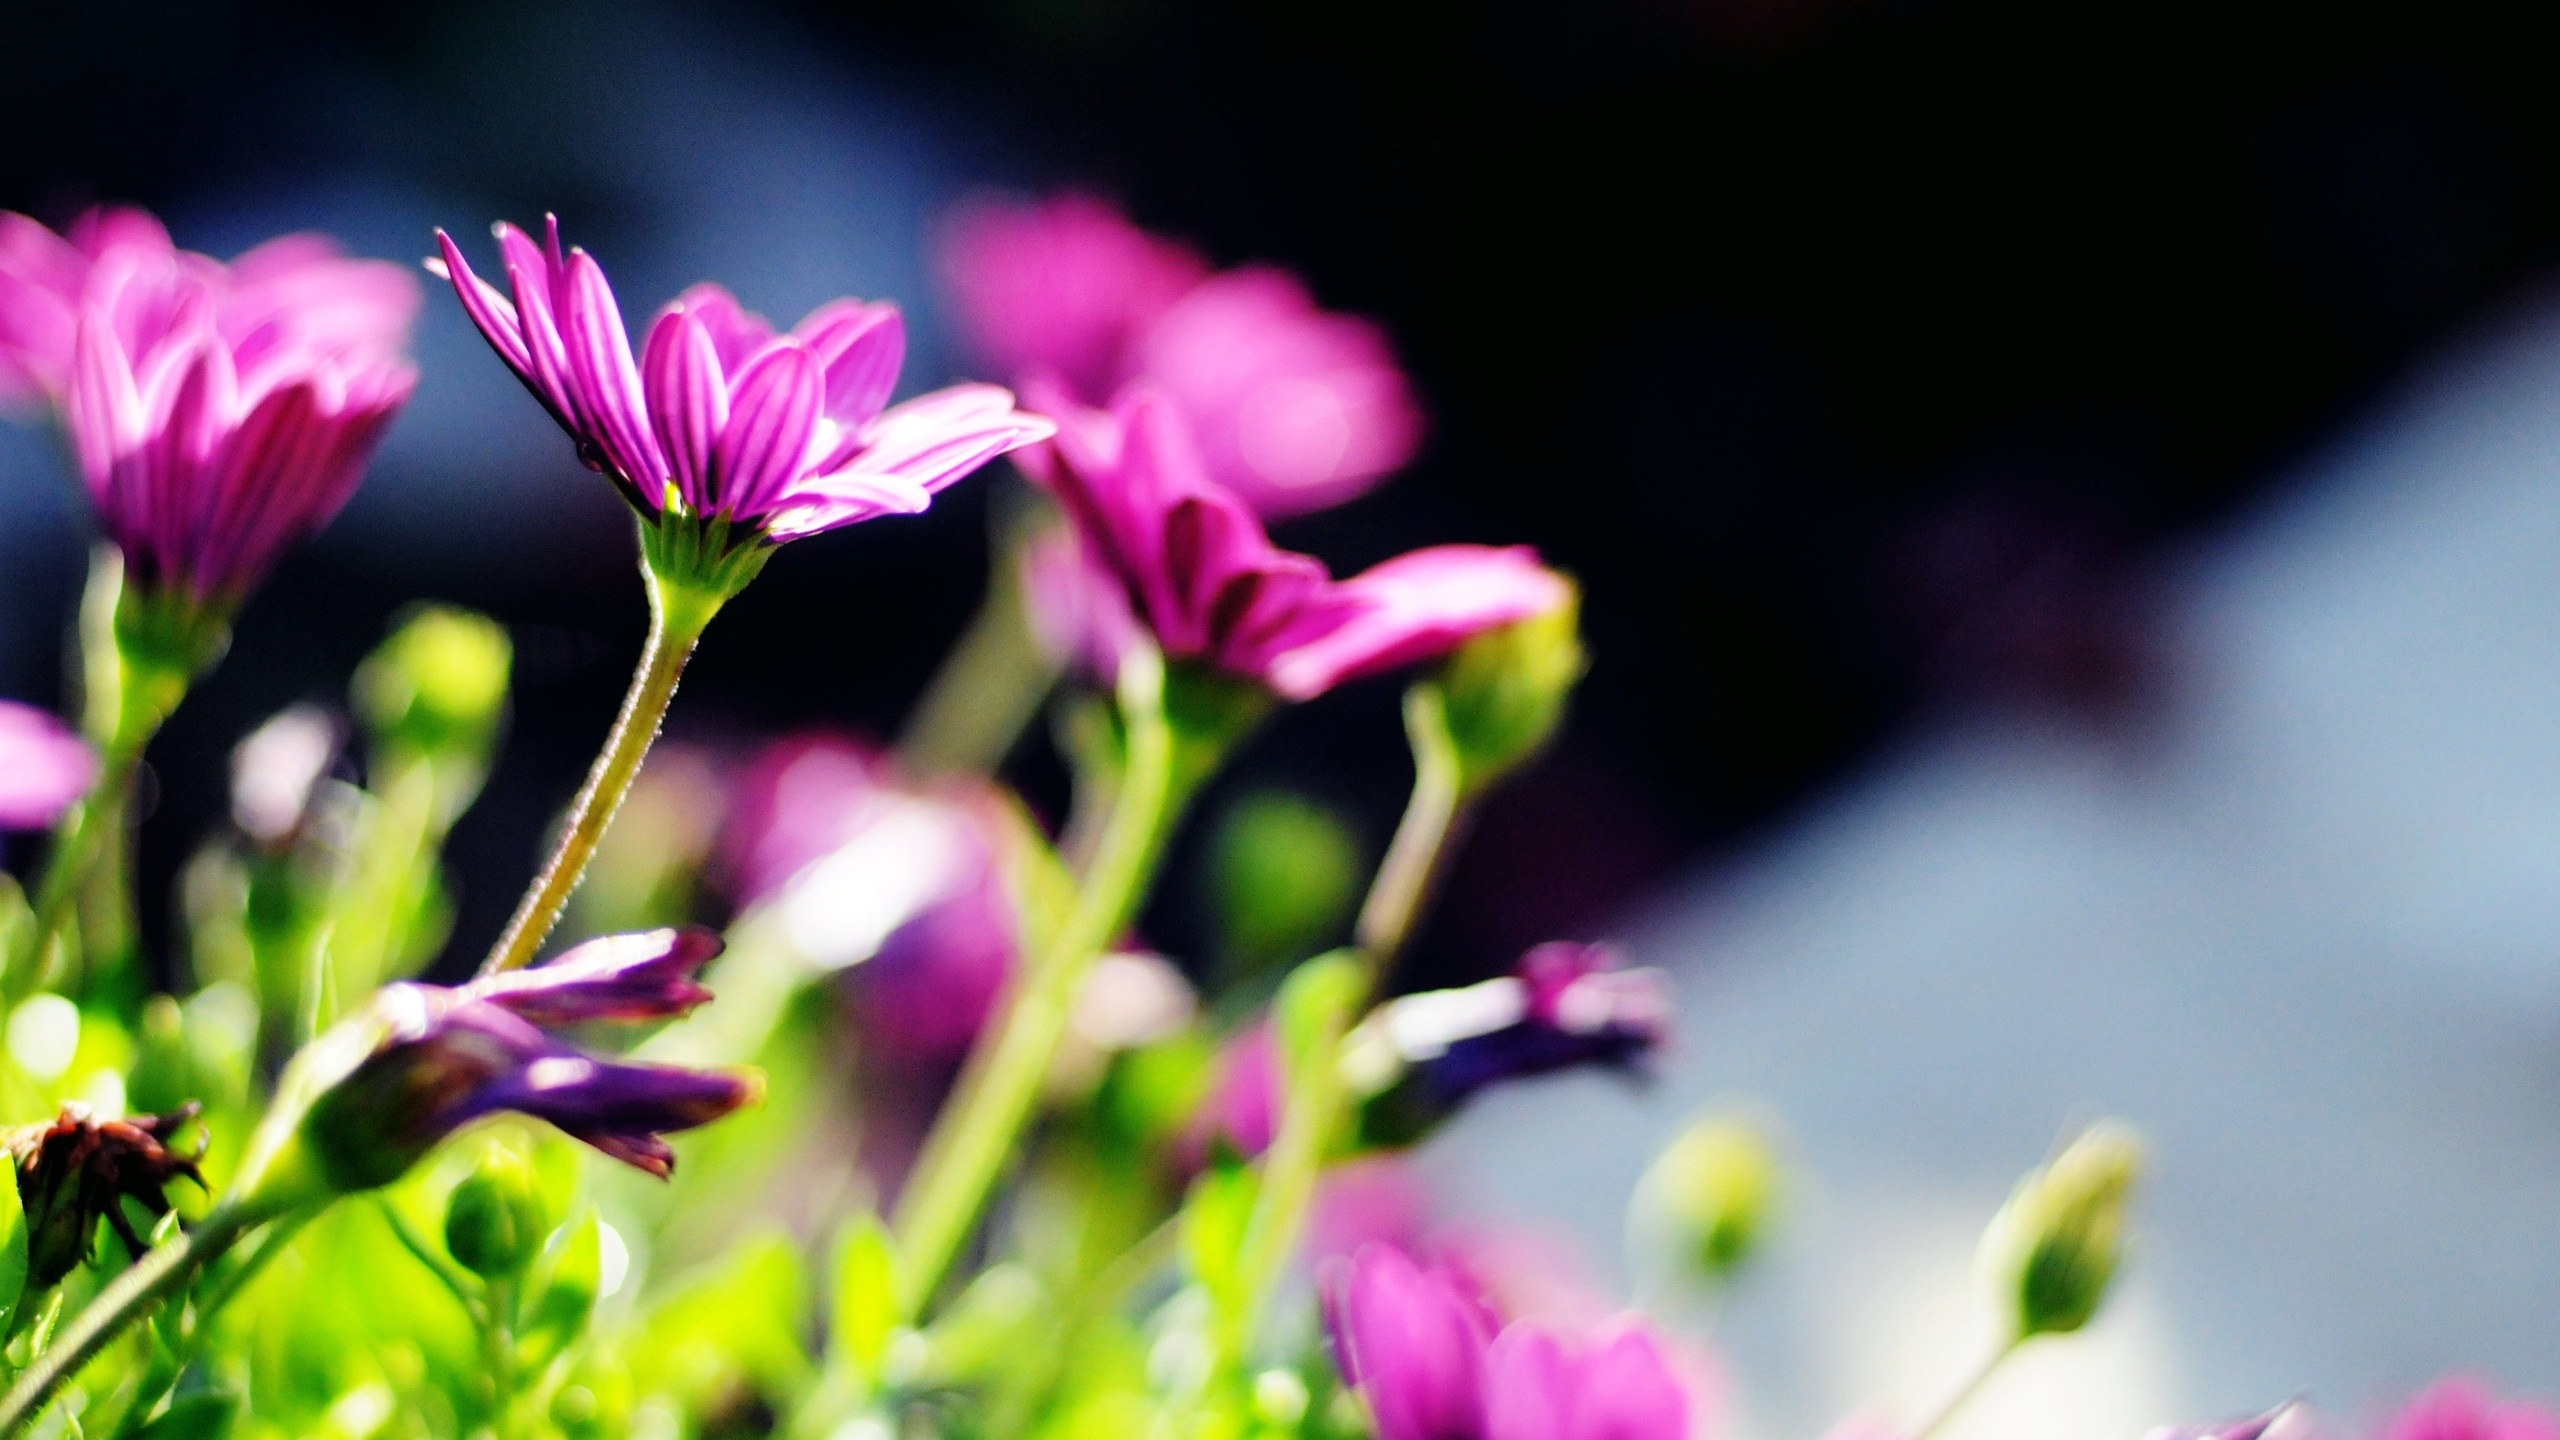 Fonds d 39 cran t l charger 2560x1440 fleurs pourpres flou for Fond ecran qhd